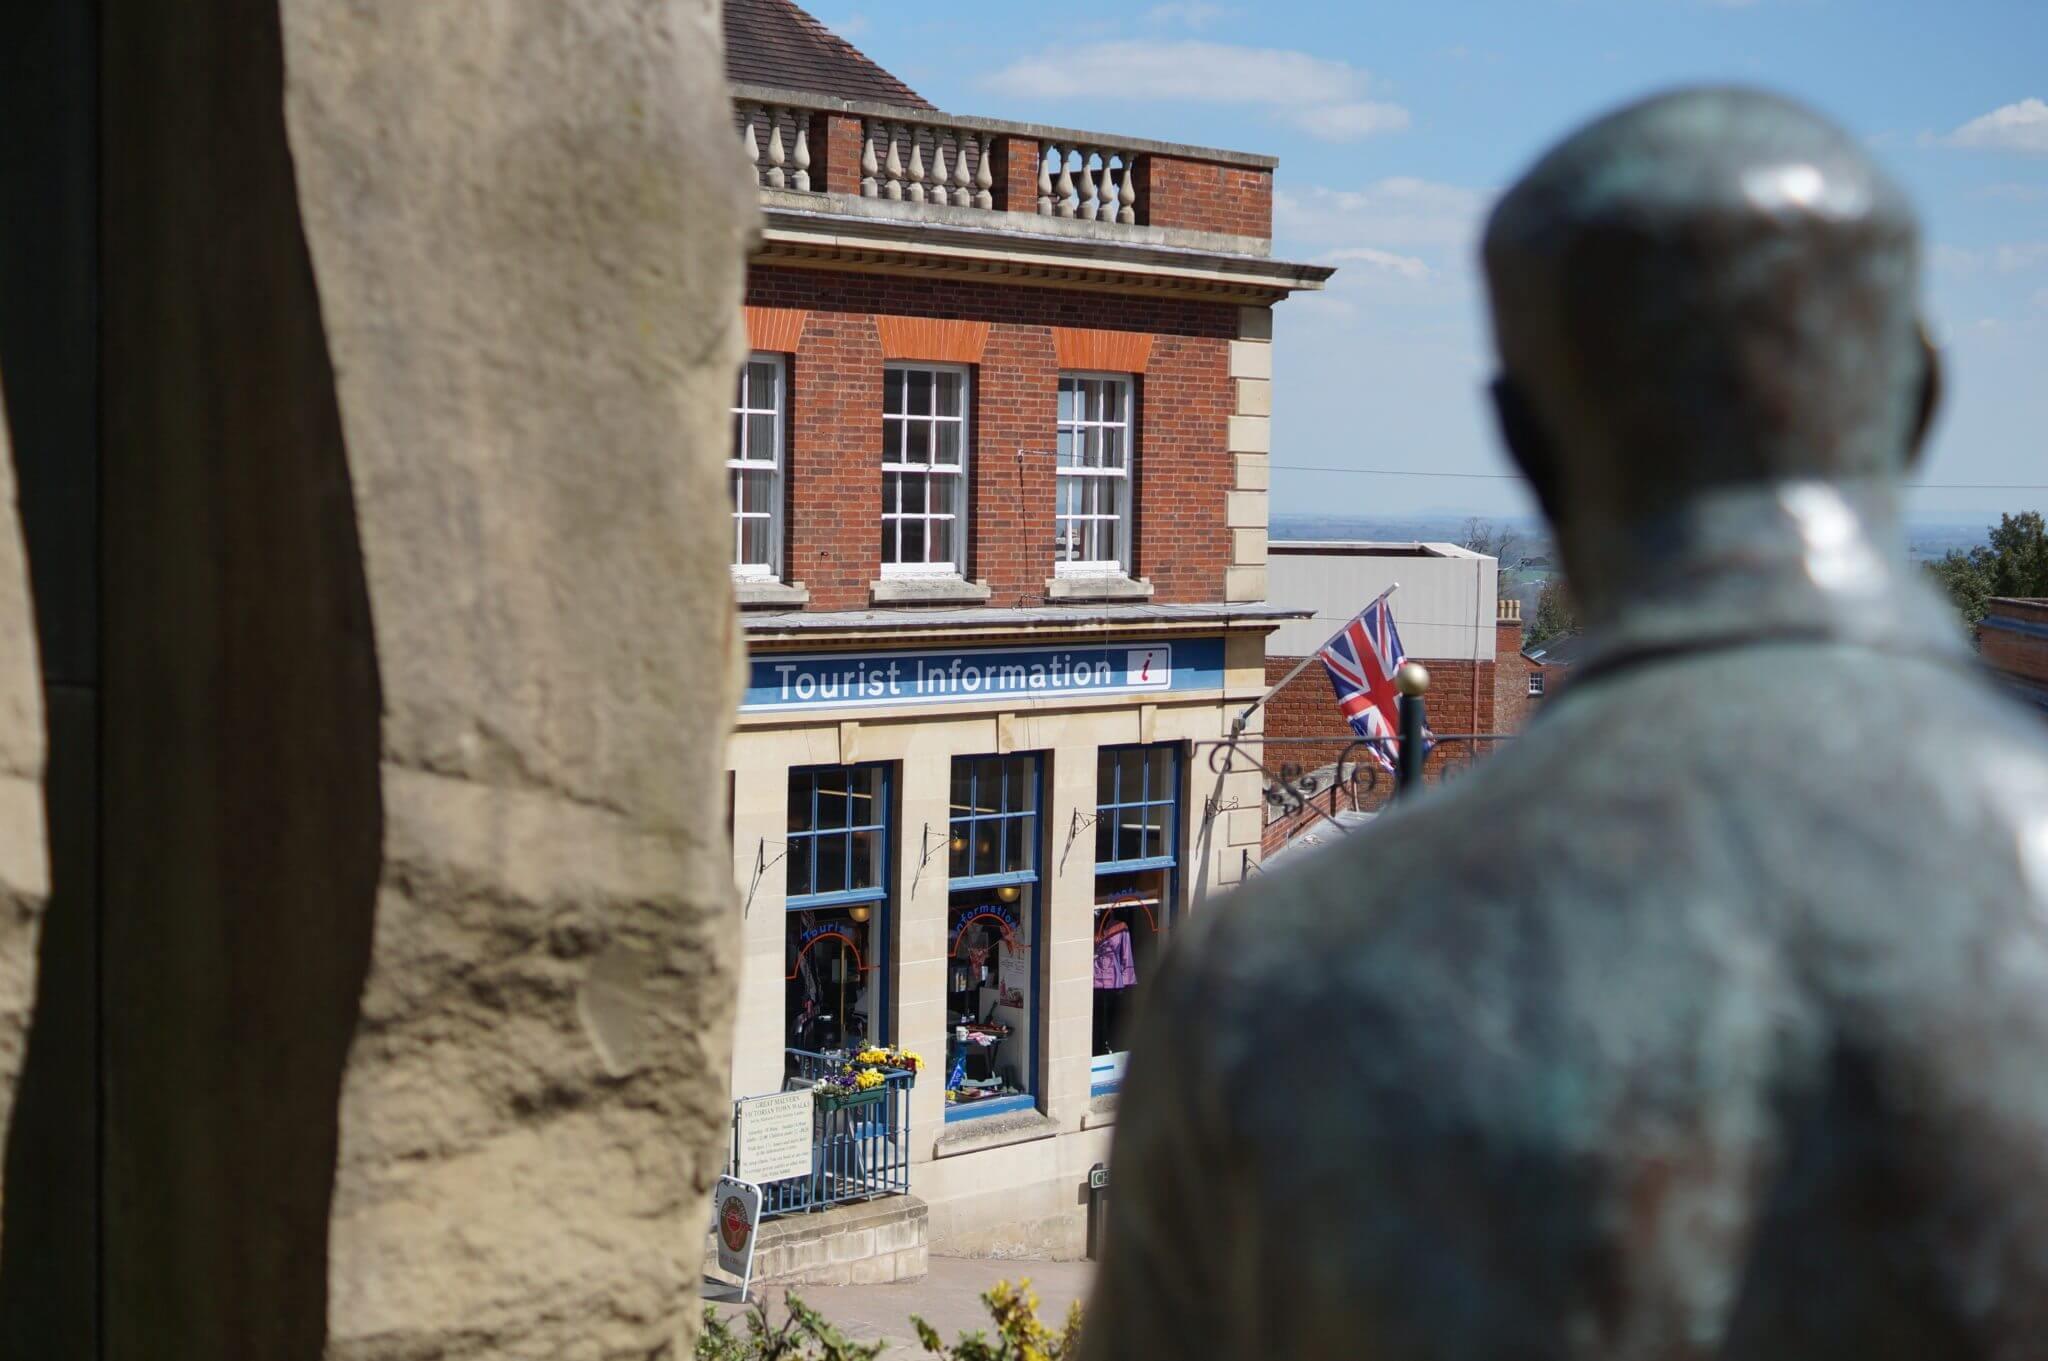 Tourist Information Centre Malvern